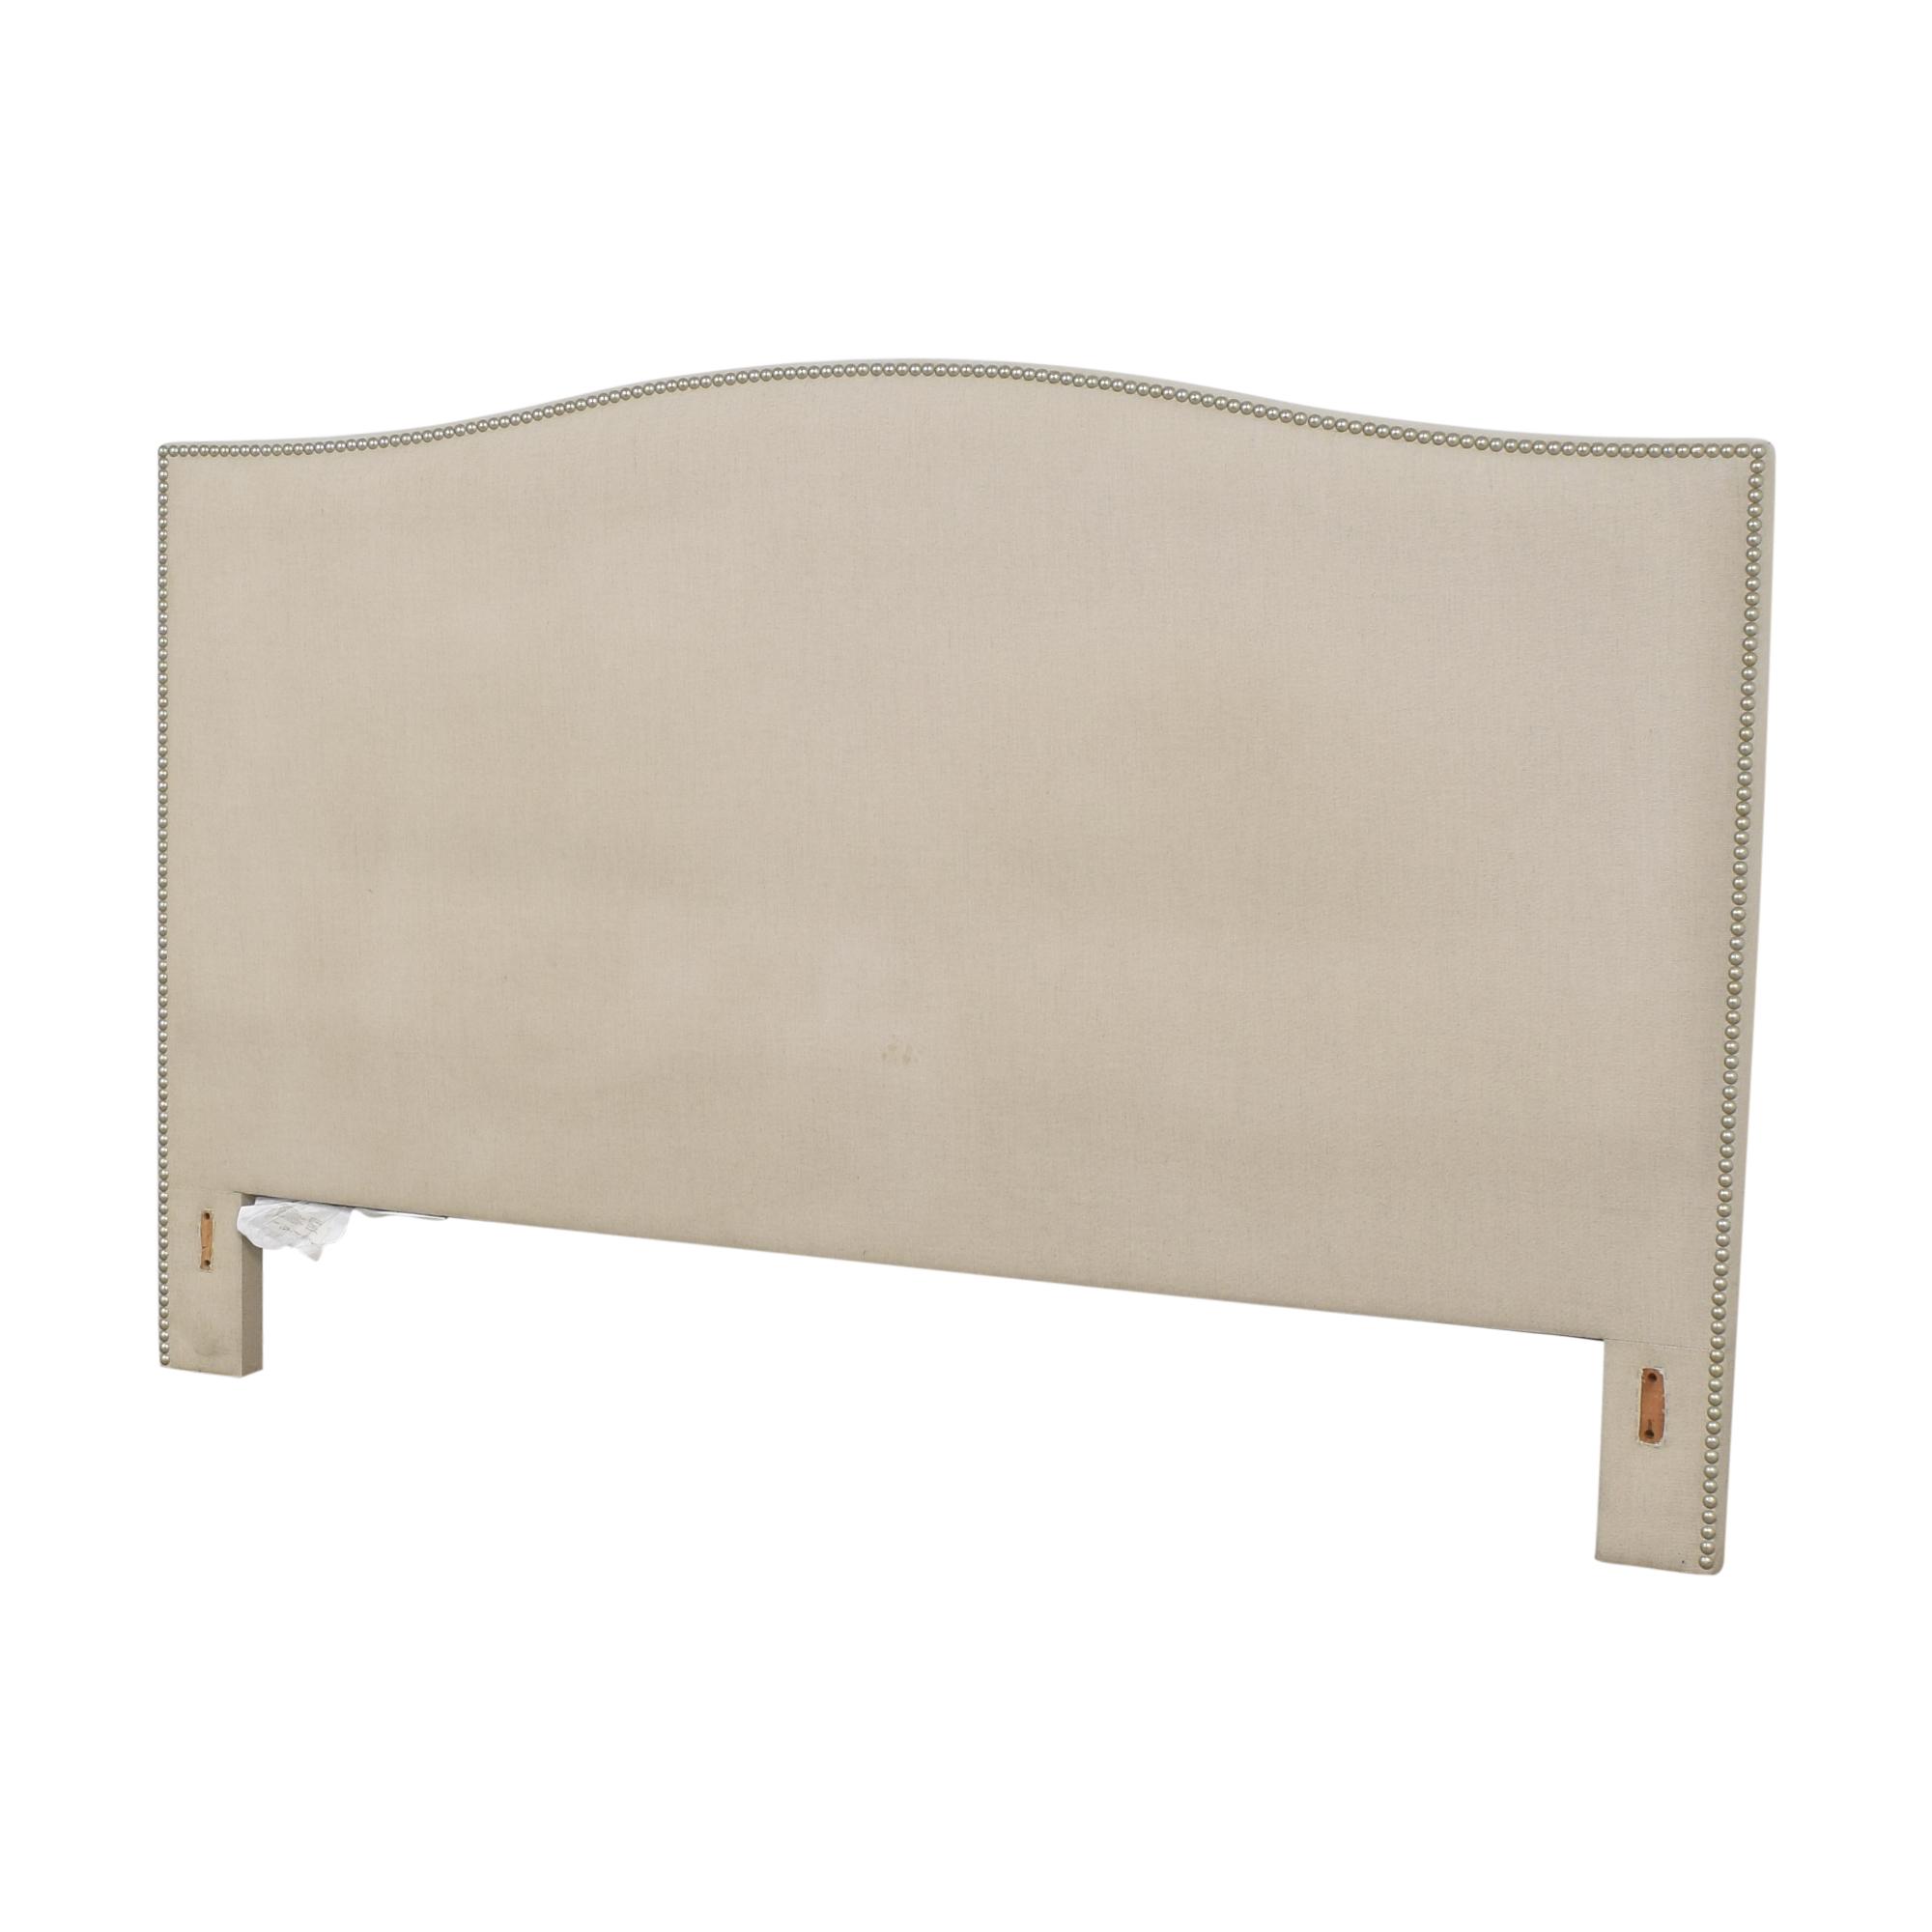 shop Crate & Barrel Crate & Barrel Colette Upholstered Nailhead King Headboard online